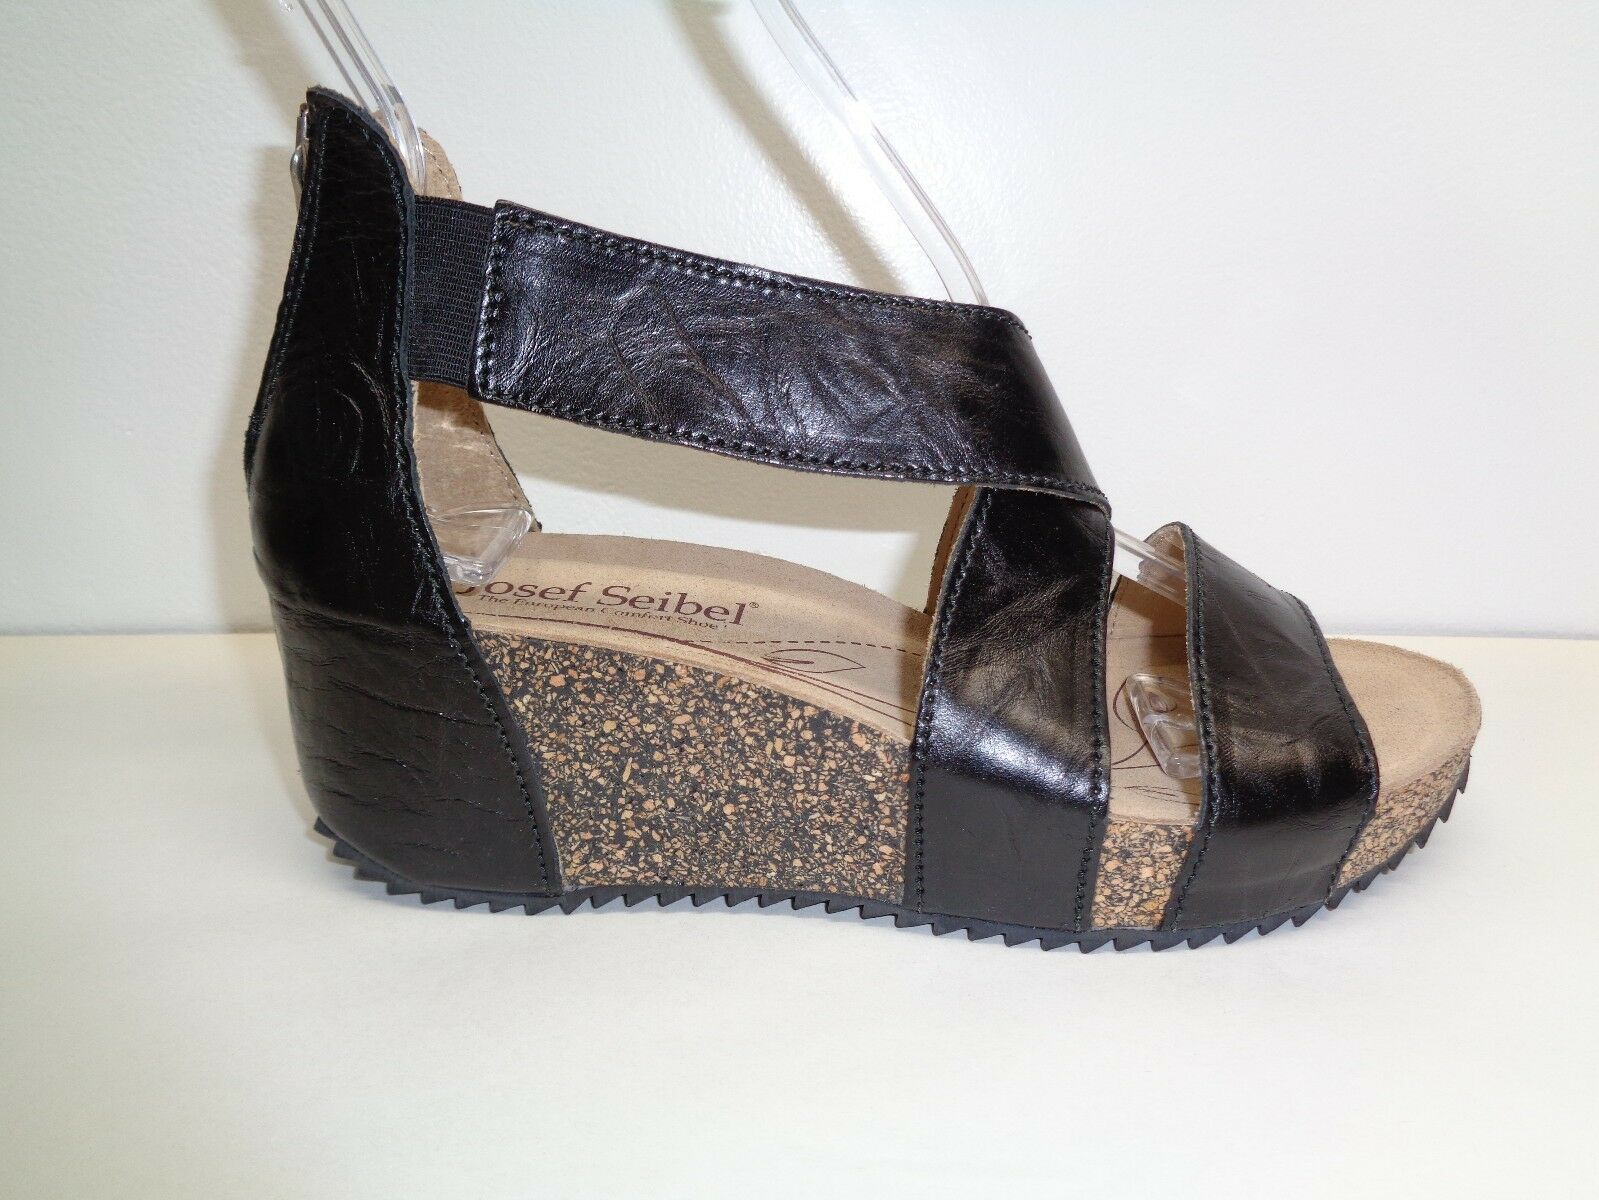 Josef Seibel Seibel Seibel tamaño 7 a 7.5 05 De Cuero Negro Cuña Sandalias Meike Nuevos Zapatos para mujer  barato